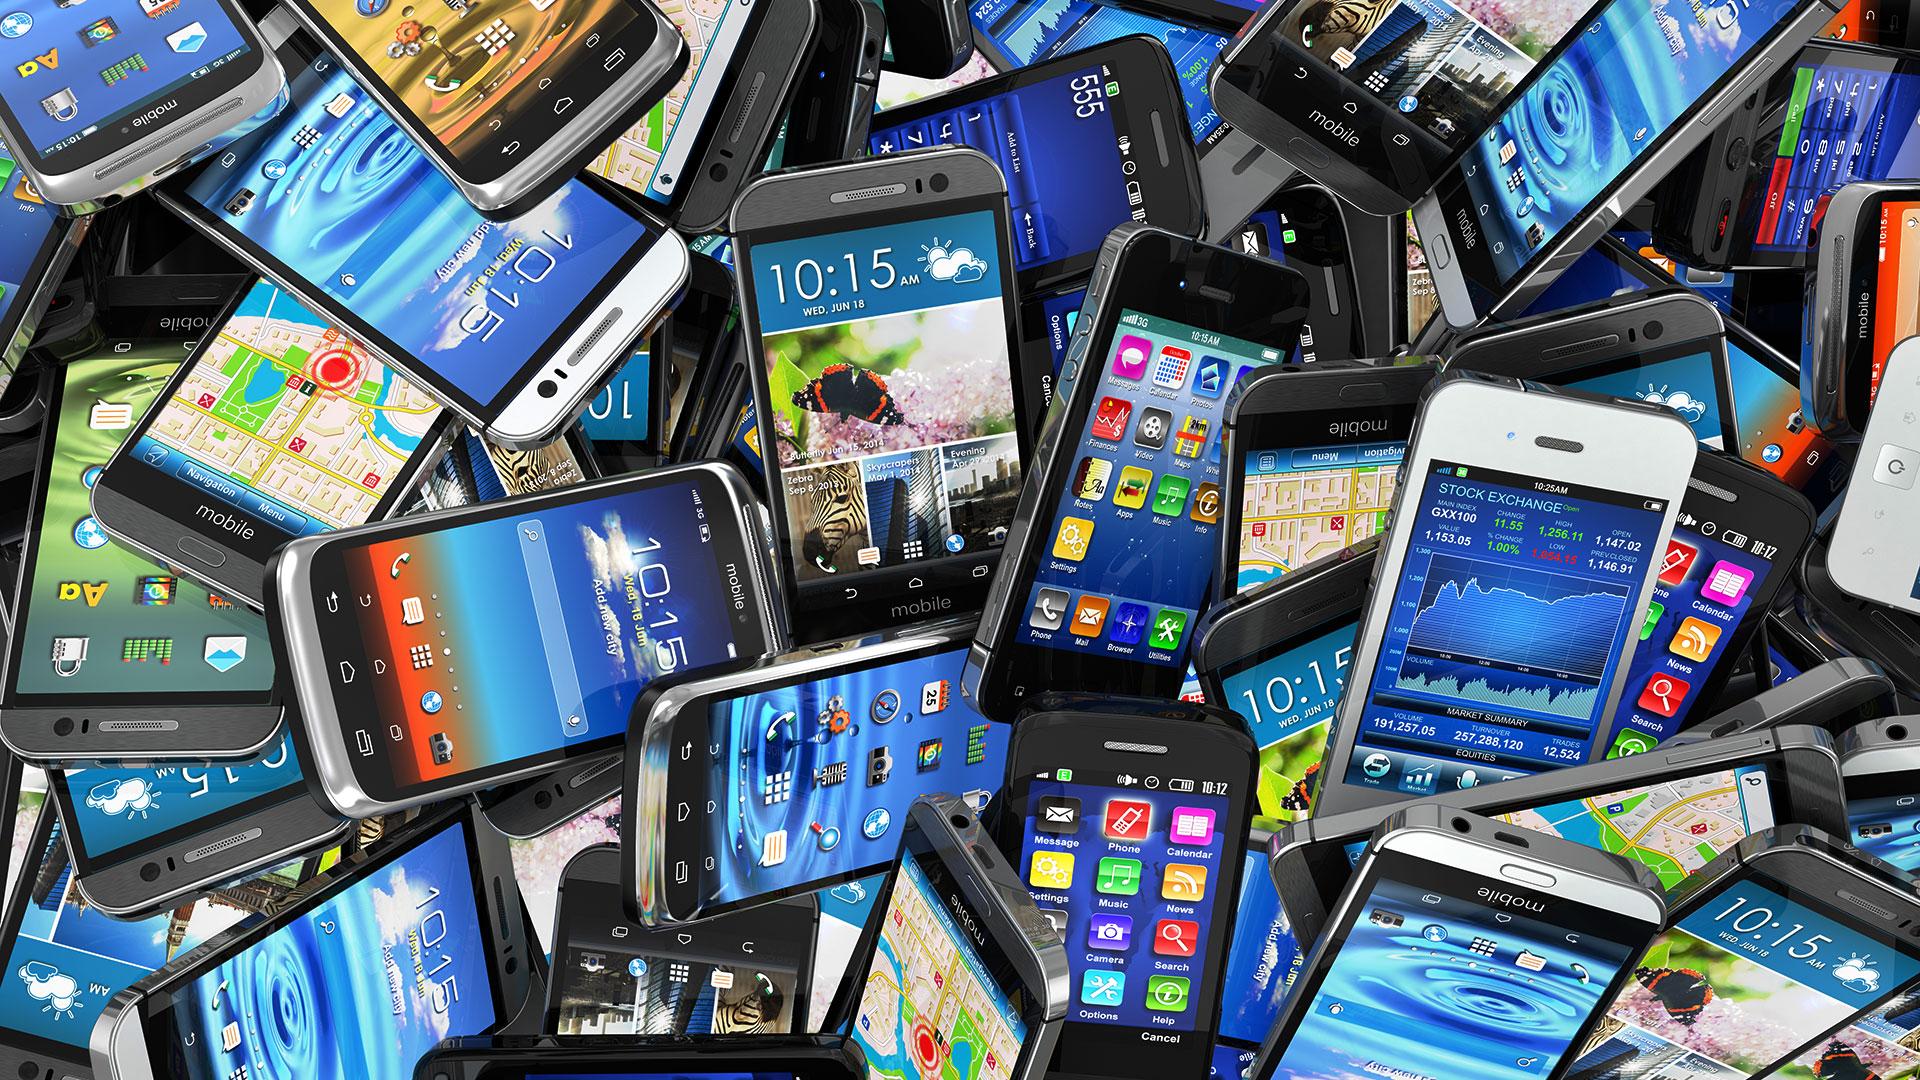 Google simplifica localizador de smartphone perdido ou roubado